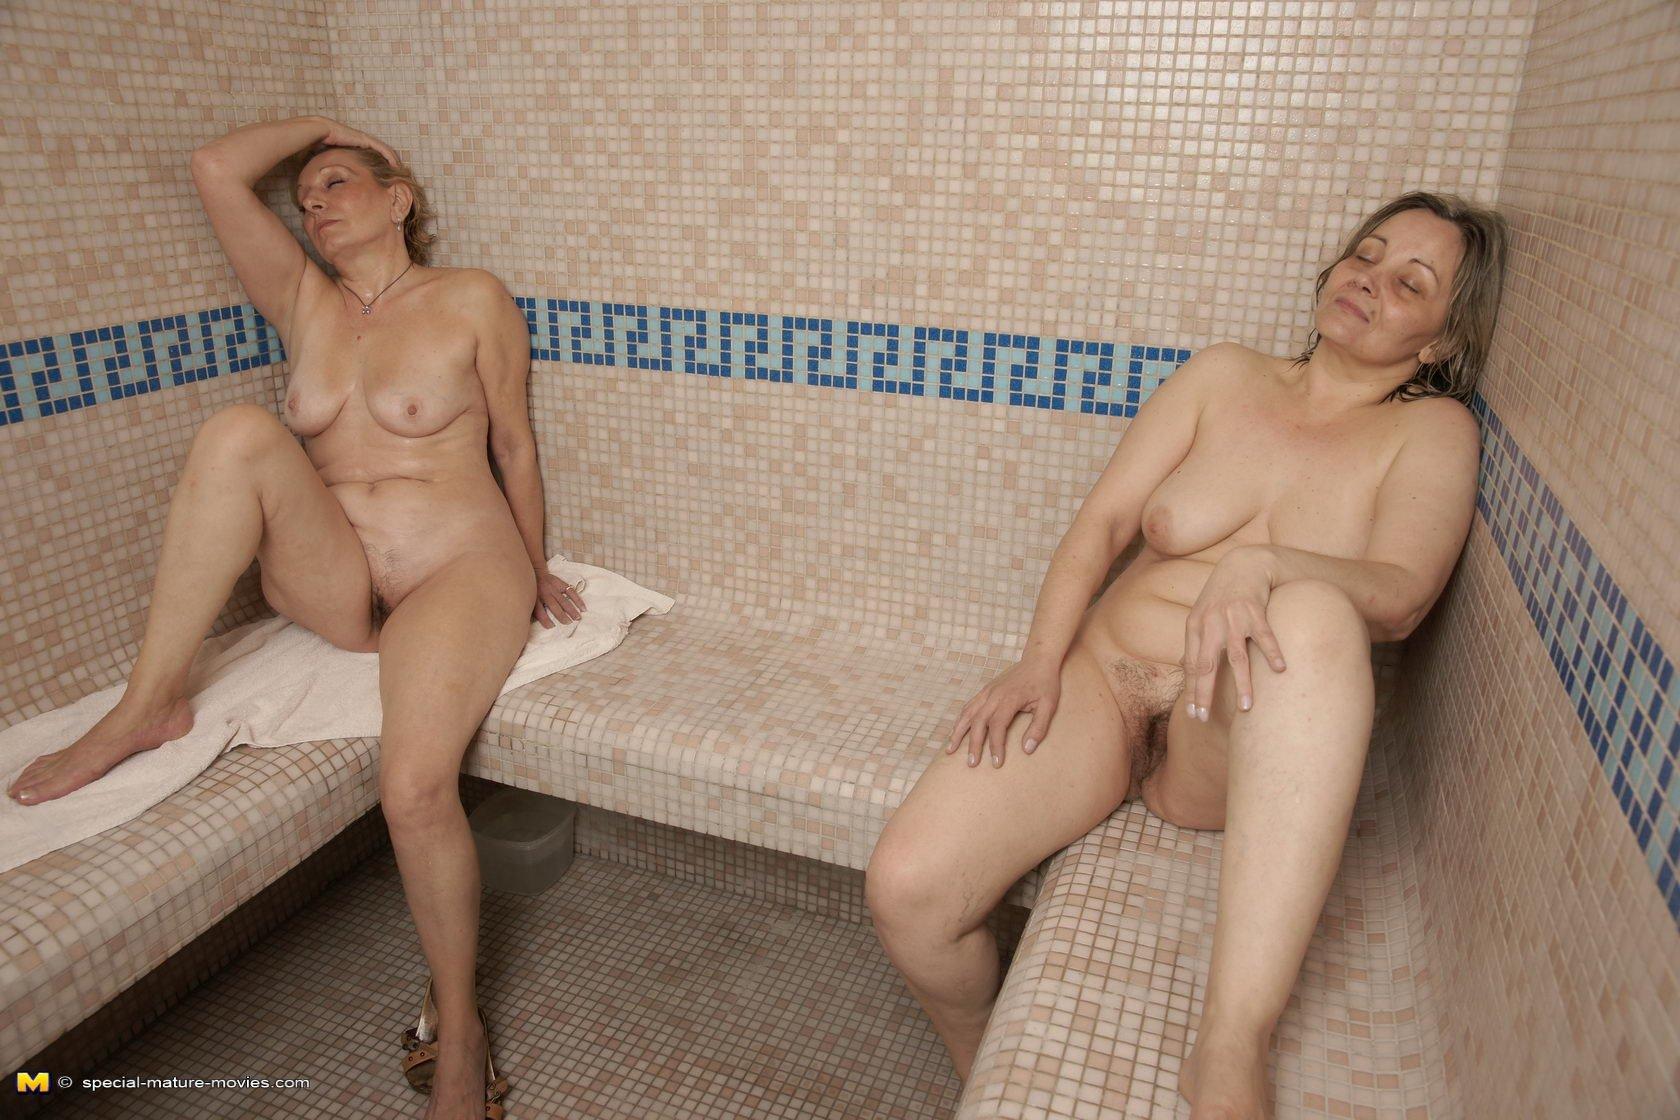 Зрелые дамочки собираются в компанию, чтобы пойти вместе в сауну и раздеться перед камерами